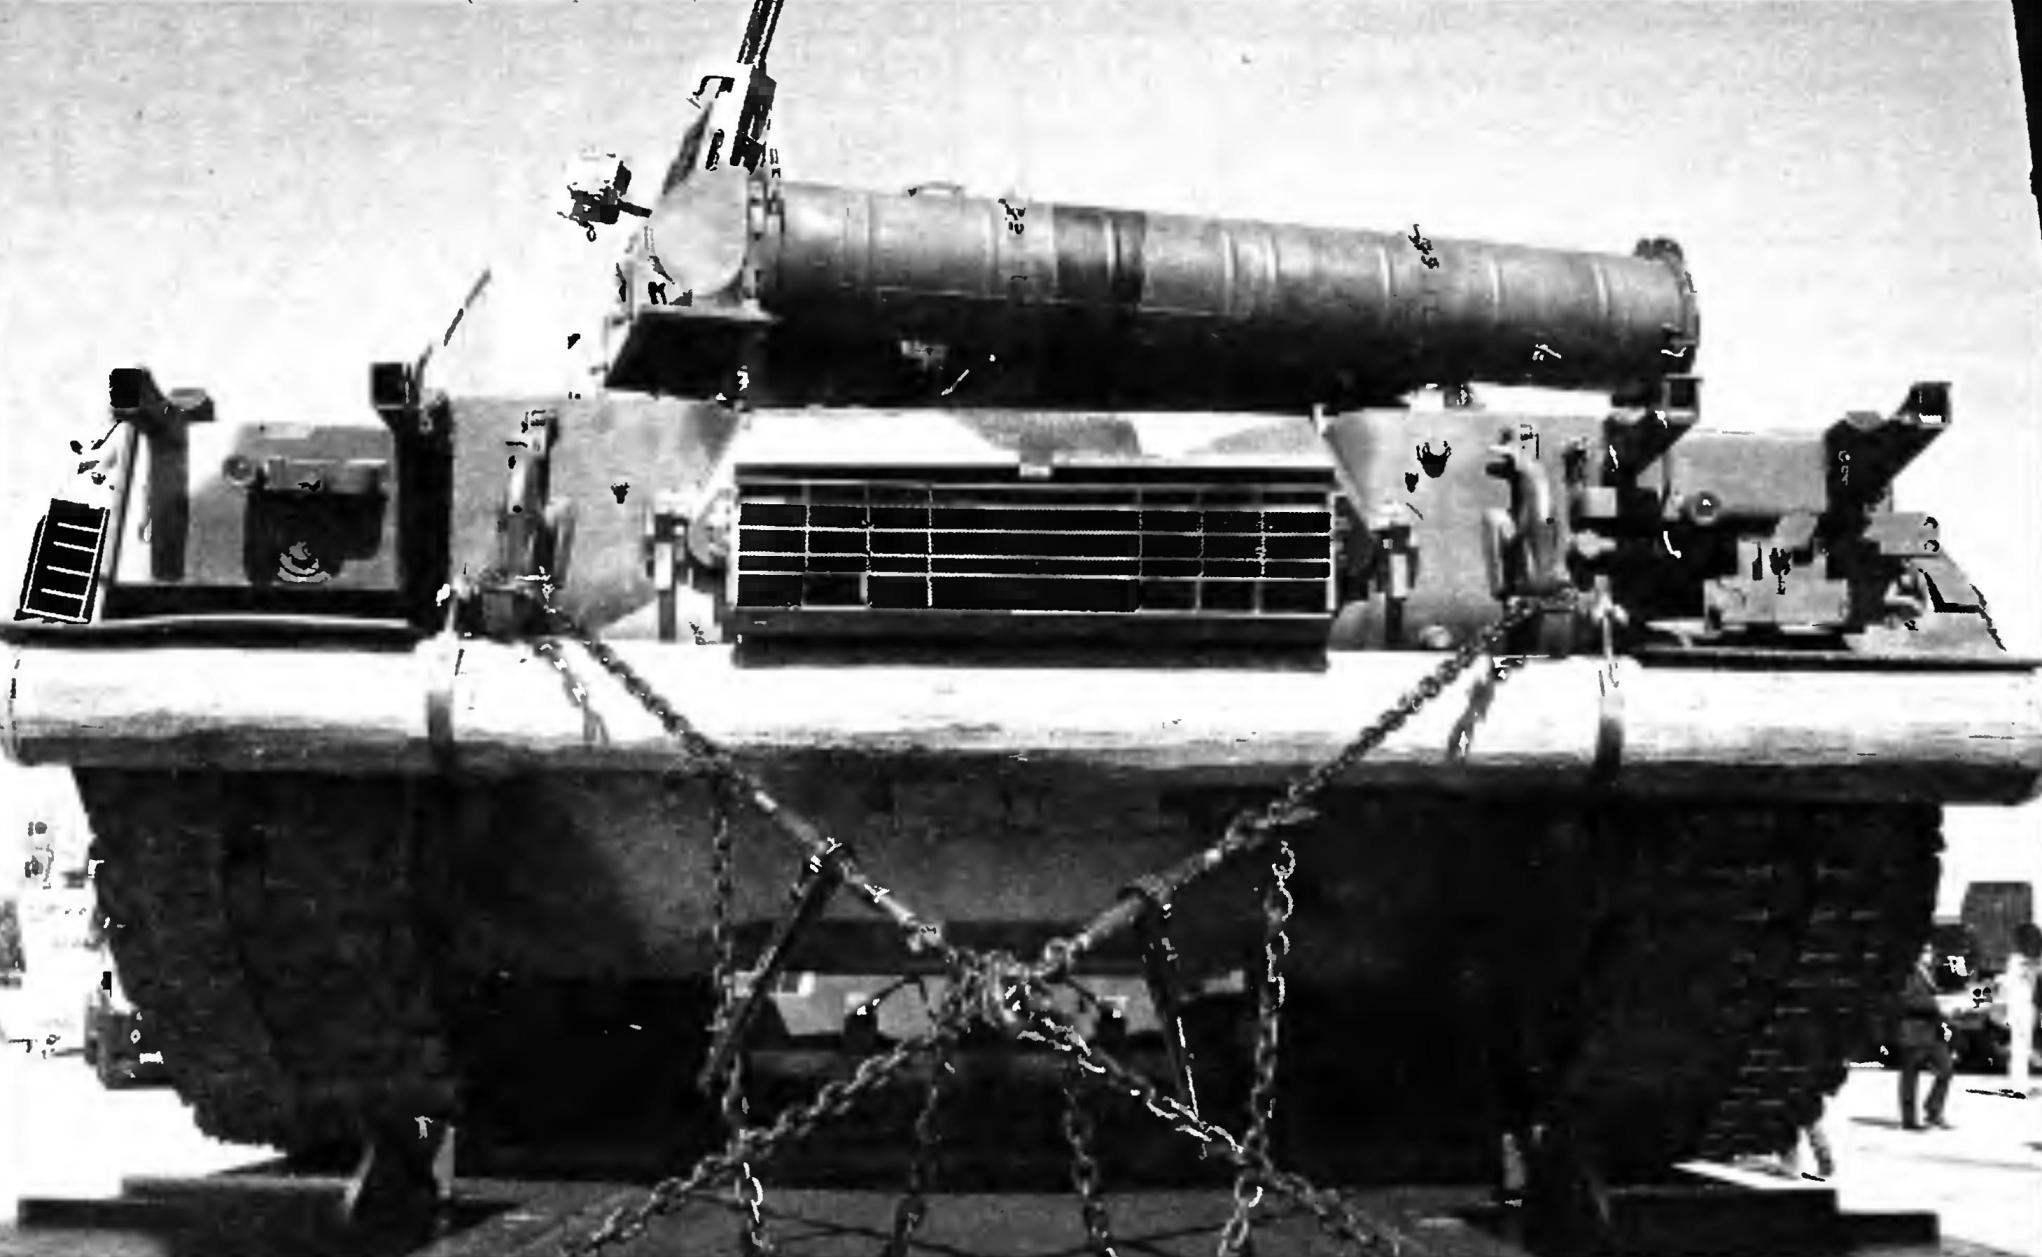 Крепление Т-80 при транспортировке на полуприцепе. Хорошо видны труба ОПВТ, решётка выхлопа, бревно для самовытаскивания